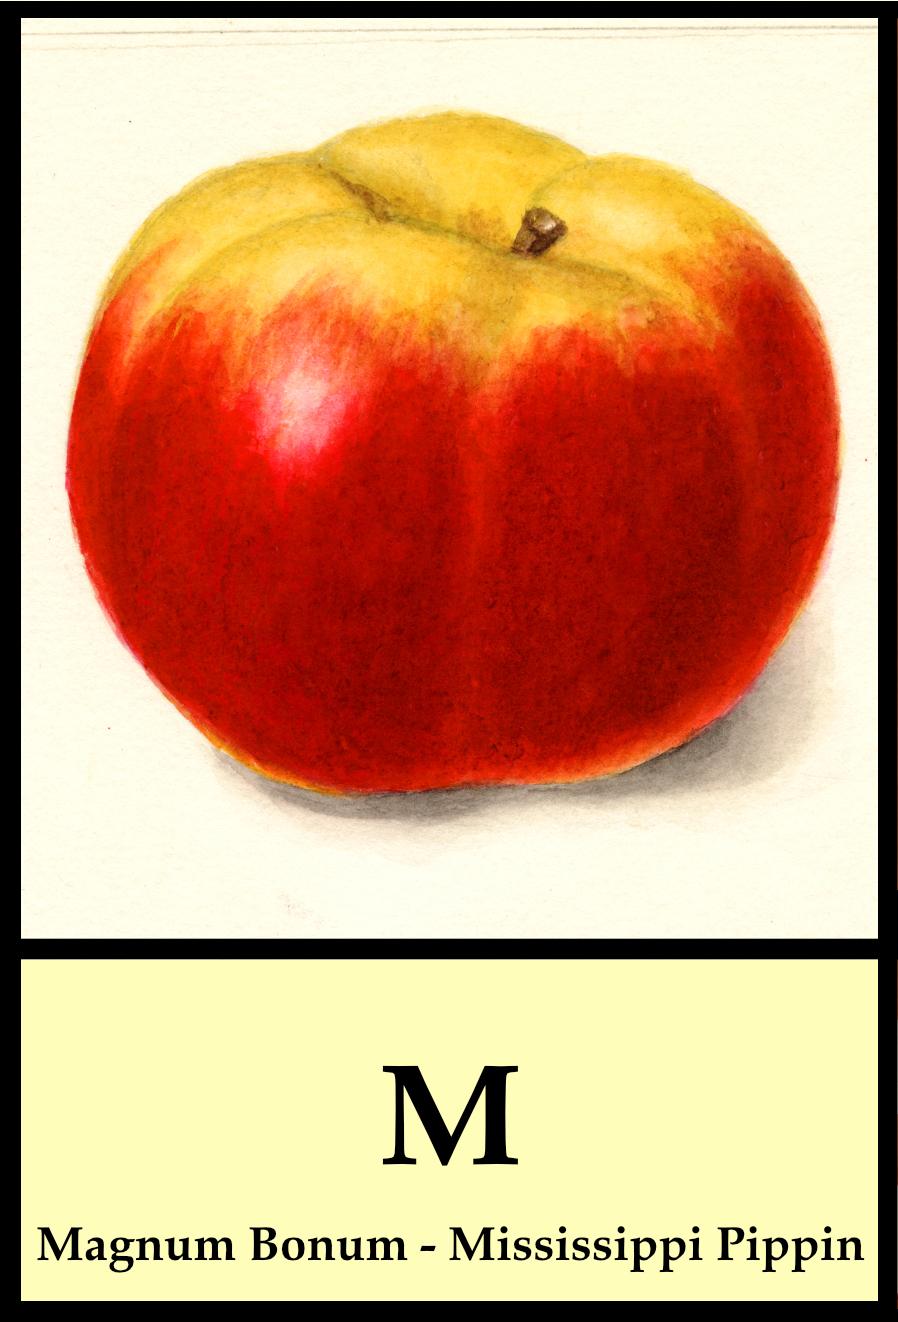 M apples - Magnum Bonum to Mississippi Pippin